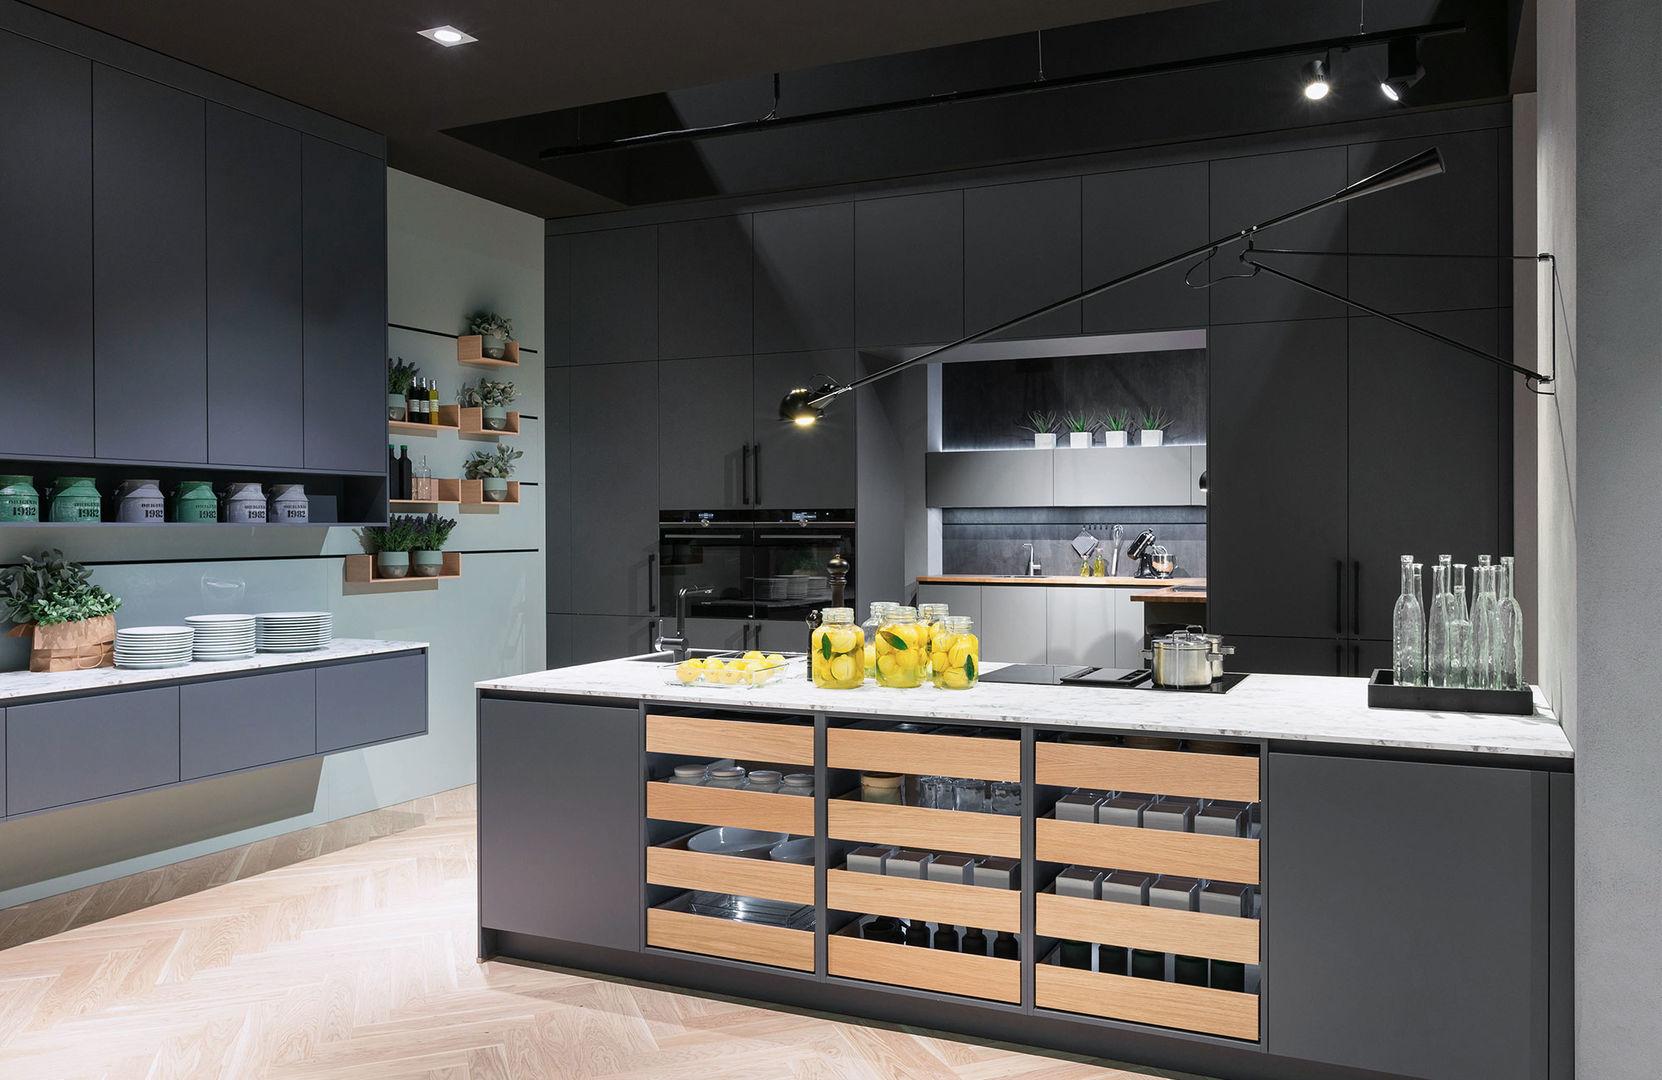 Luxury German Kitchens Kent, Essex, Surrey & London   Contemporary Kitchens